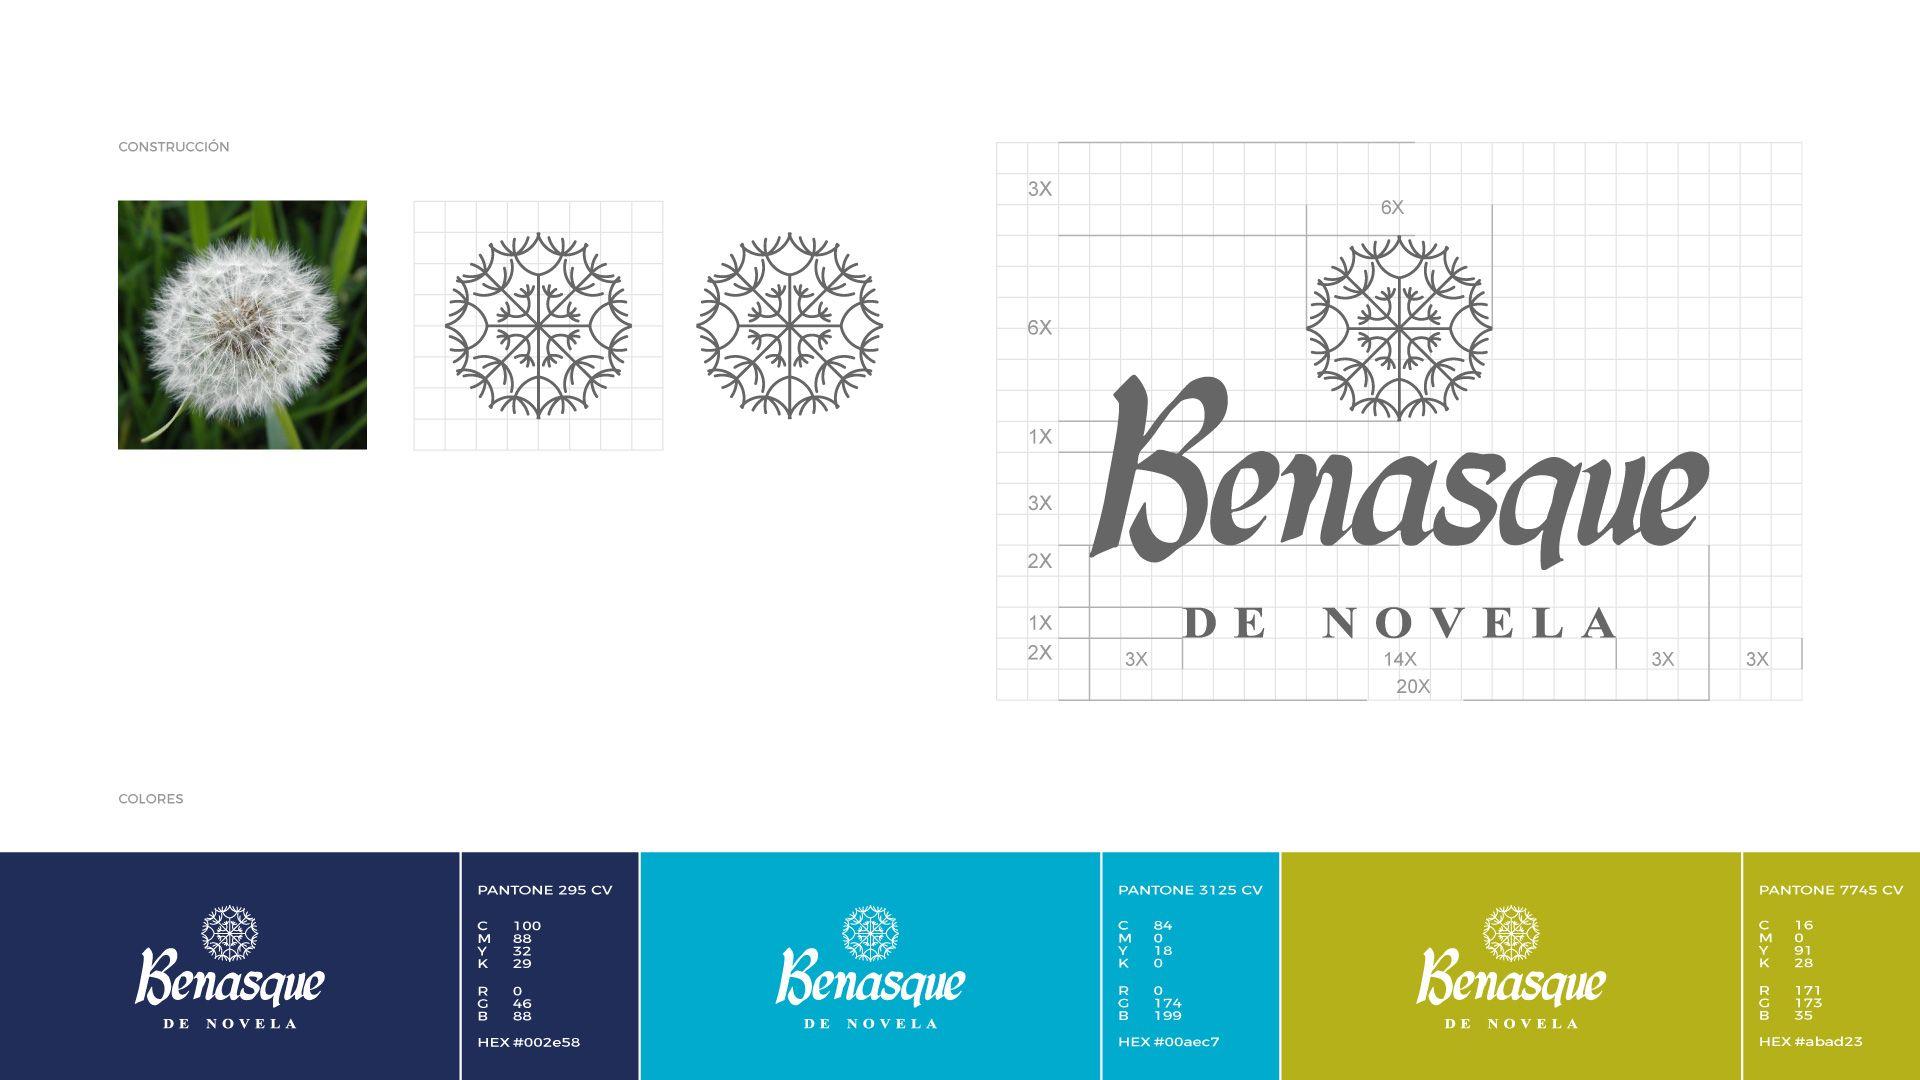 Benasque de Novela - Imagen de marca